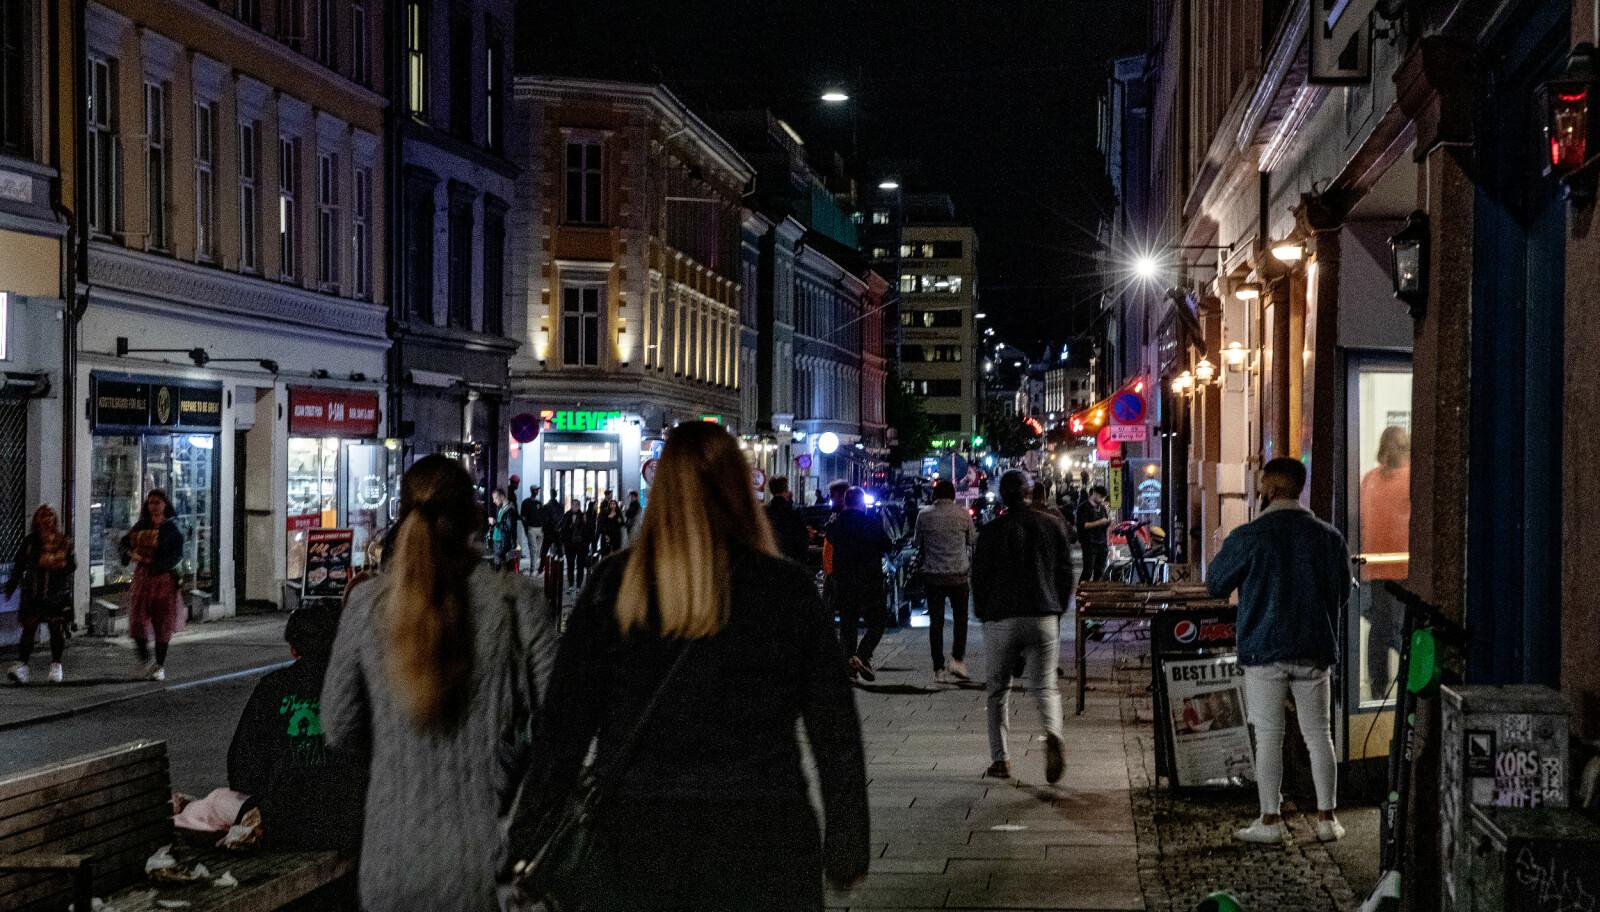 SKJENKESTOPP: Halvannen måned har gått siden regjeringen innførte stans i alkoholserveringen ved midnatt. Her fra Oslo sentrum natt til søndag for noen uker siden. Foto: Nina Hansen / Dagbladet